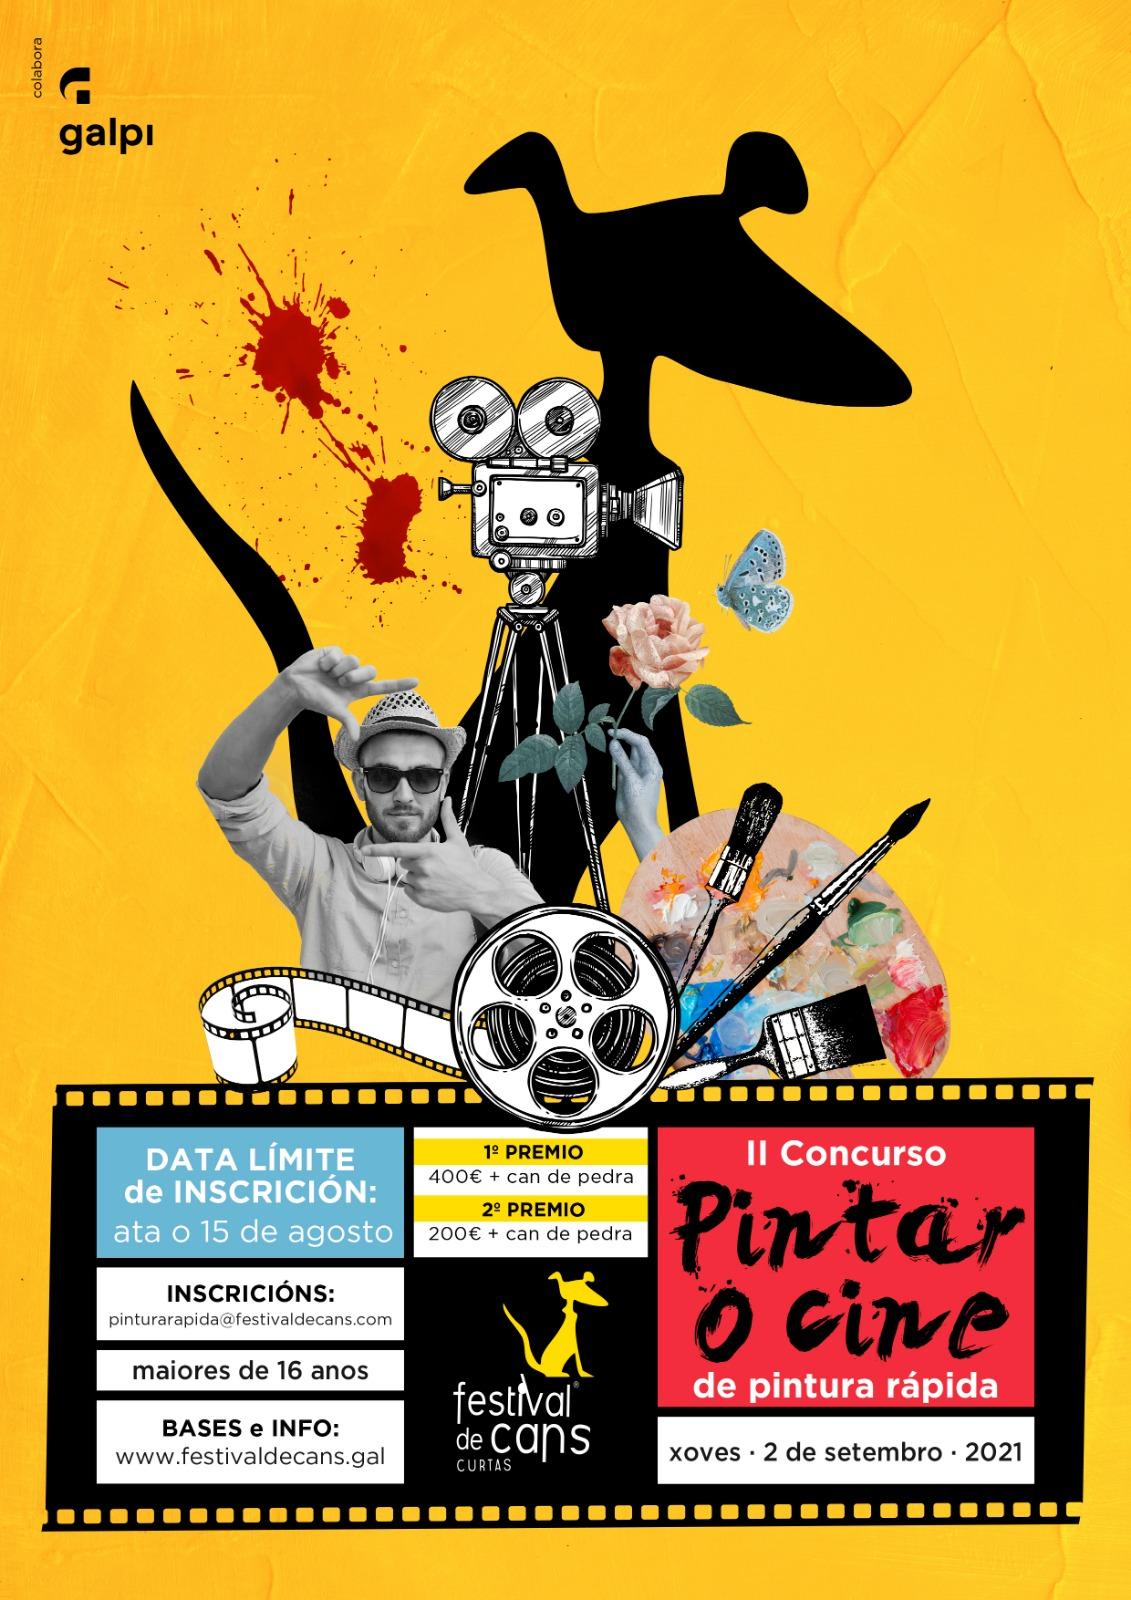 Festival de Cans Pintar o Cine